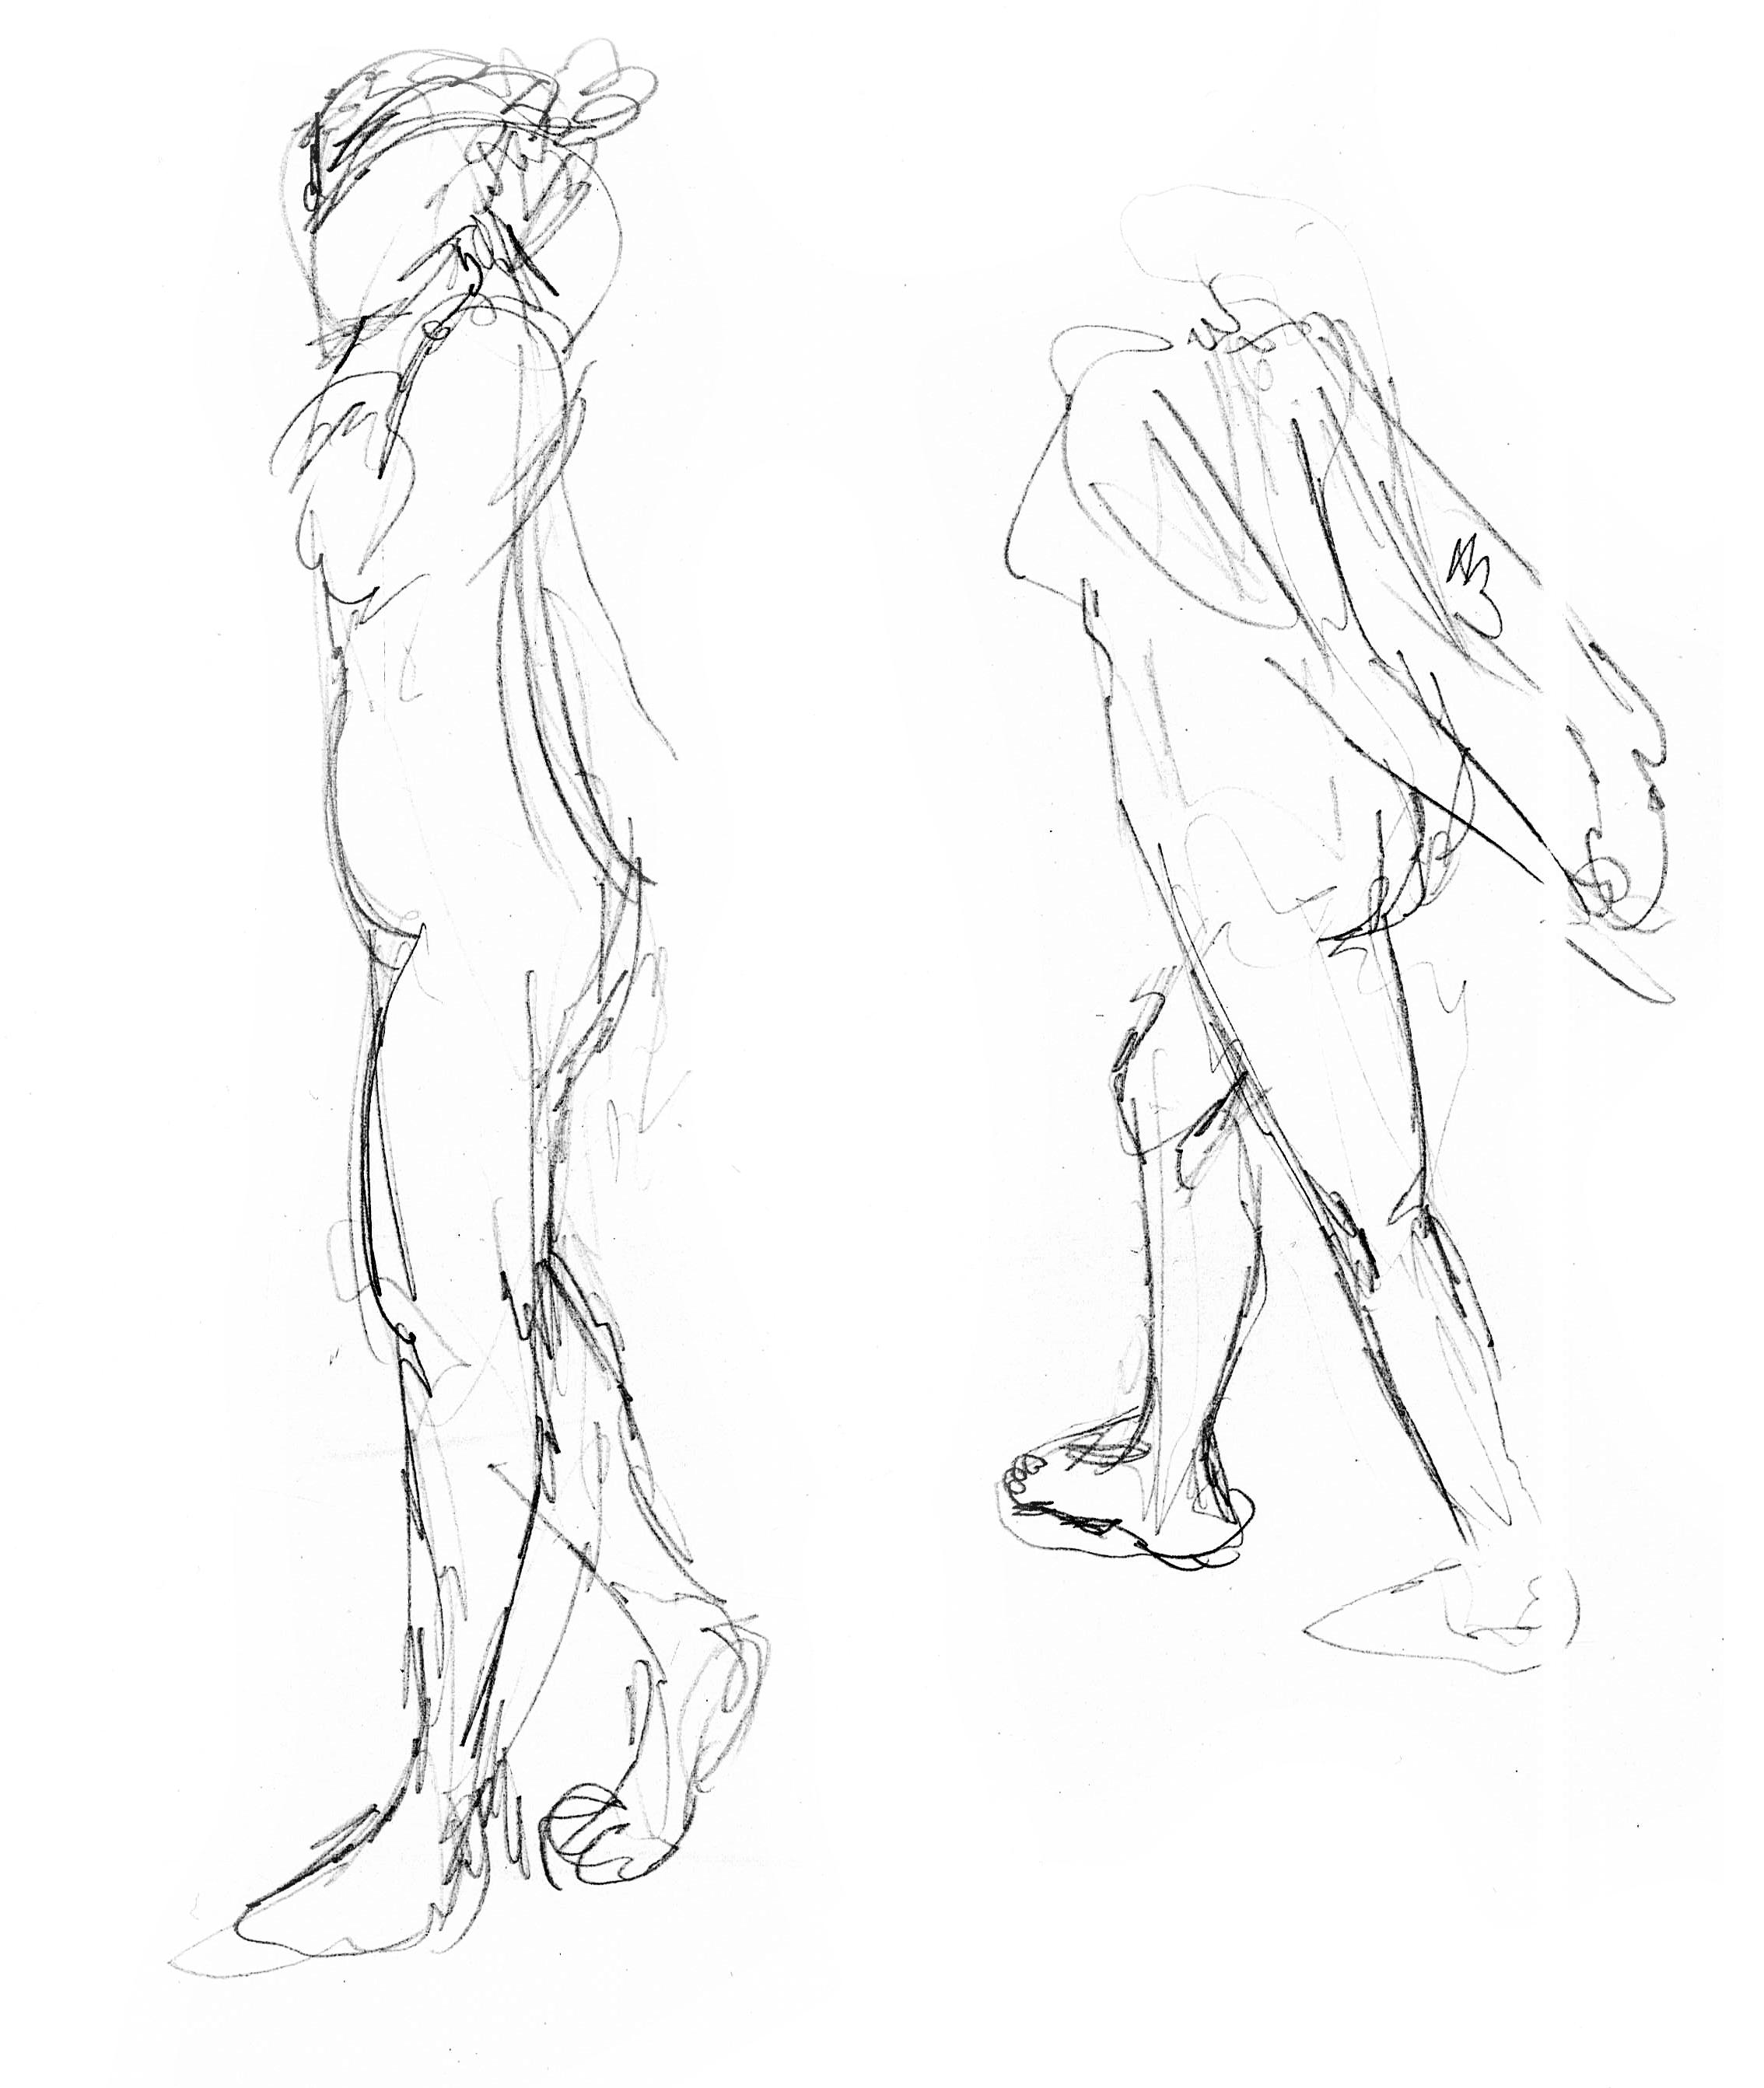 Backs and Arms